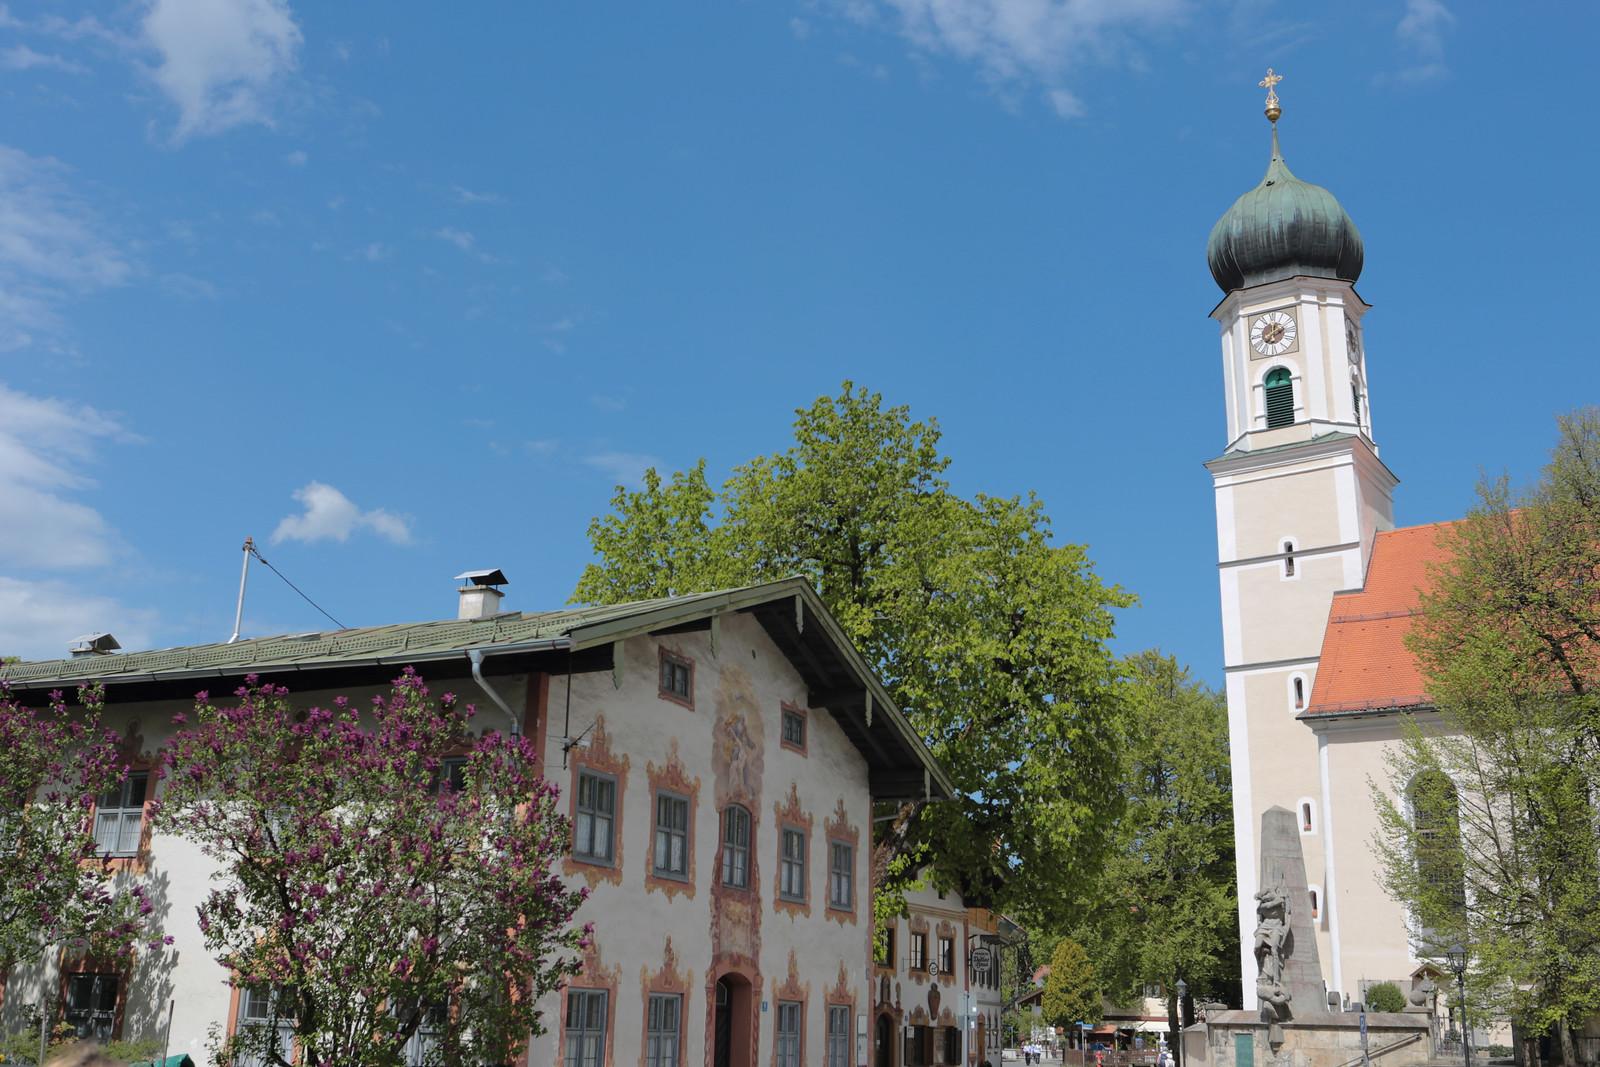 Oberammergrau